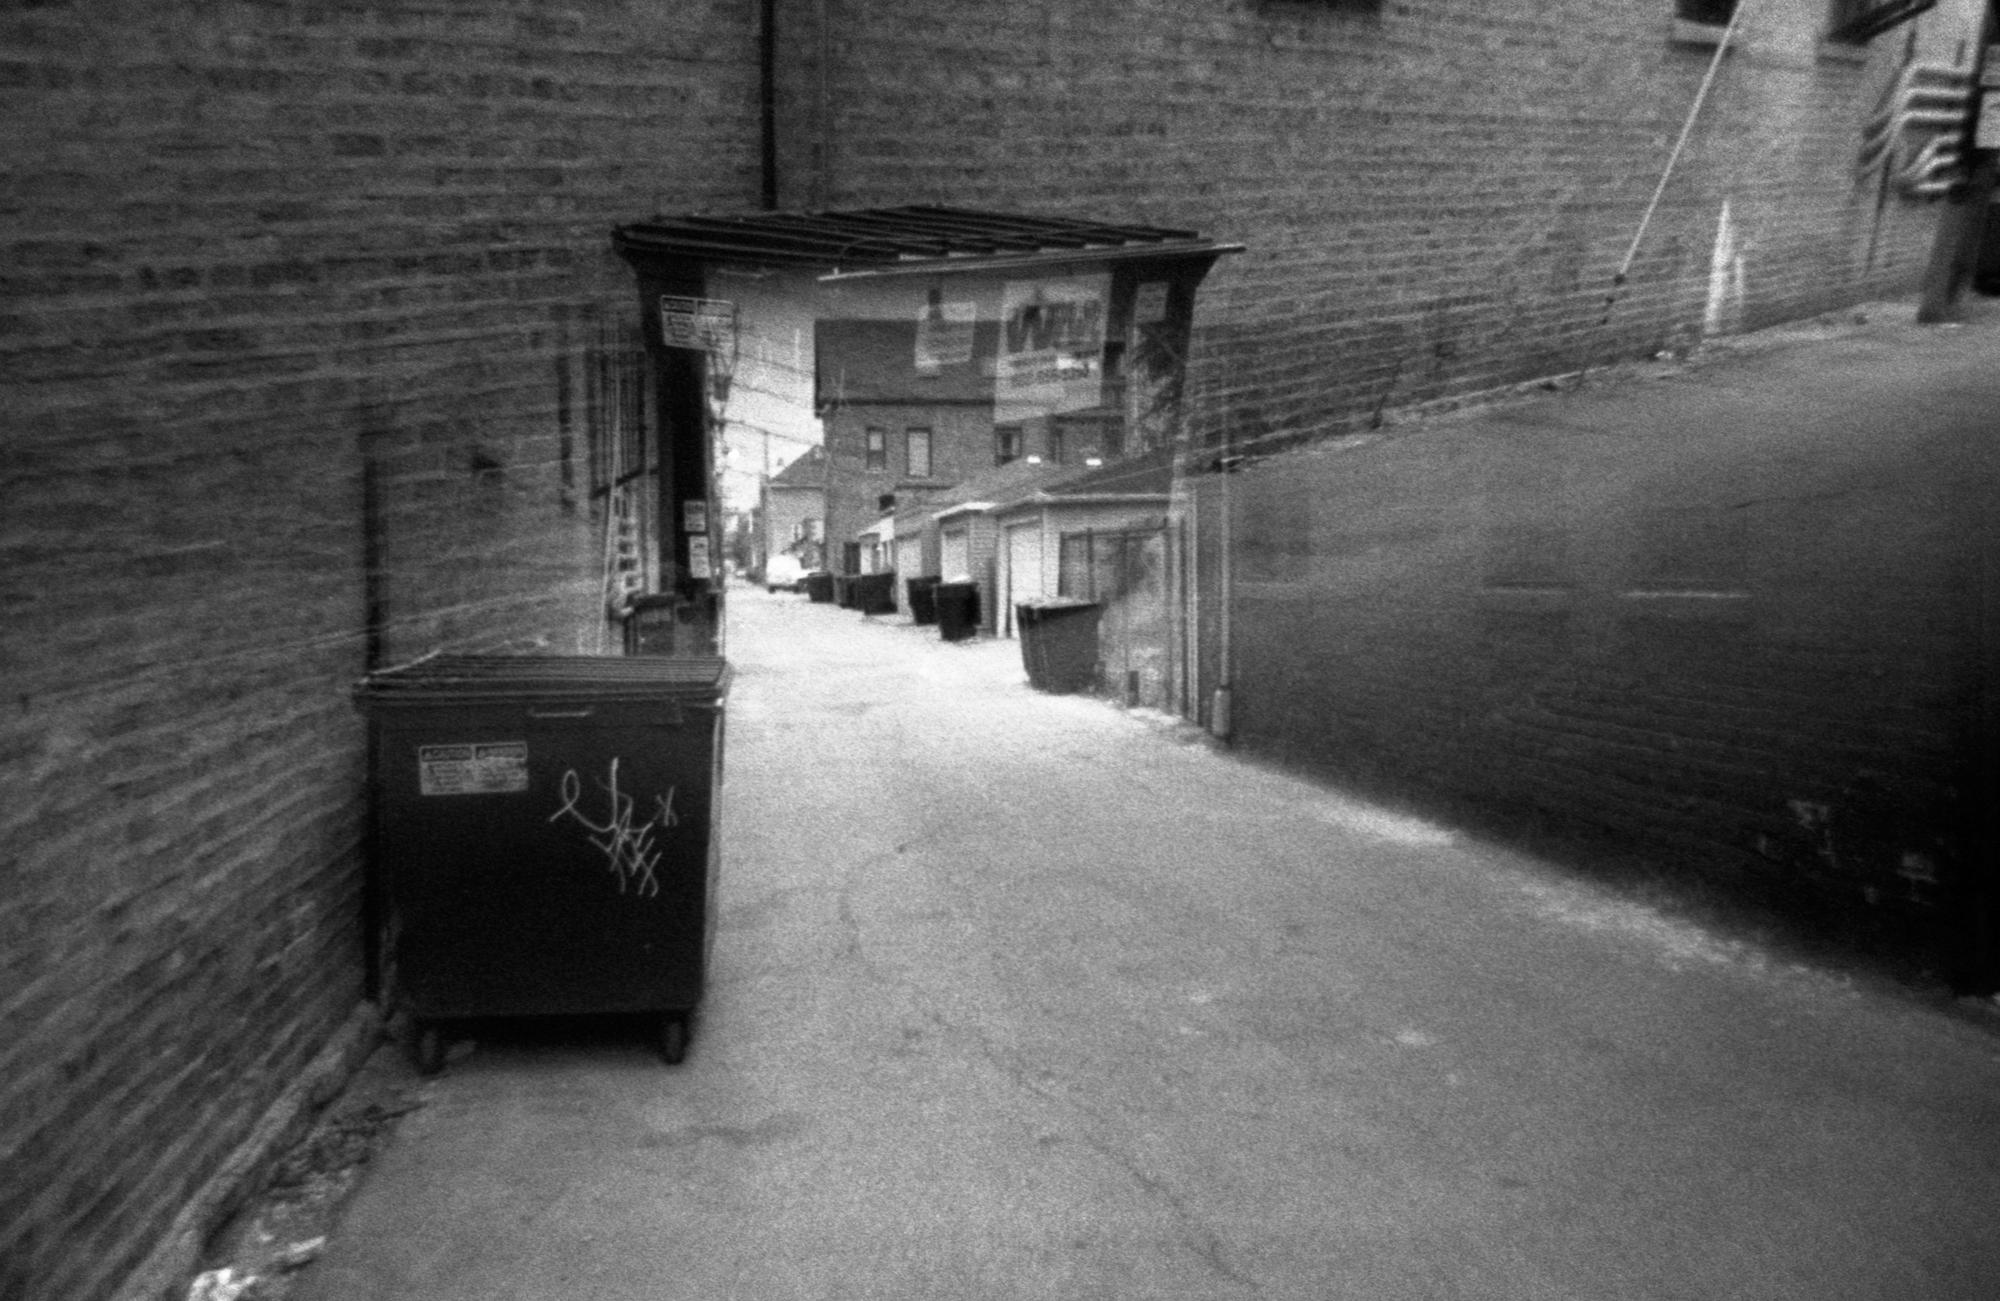 Dumpster013.jpg